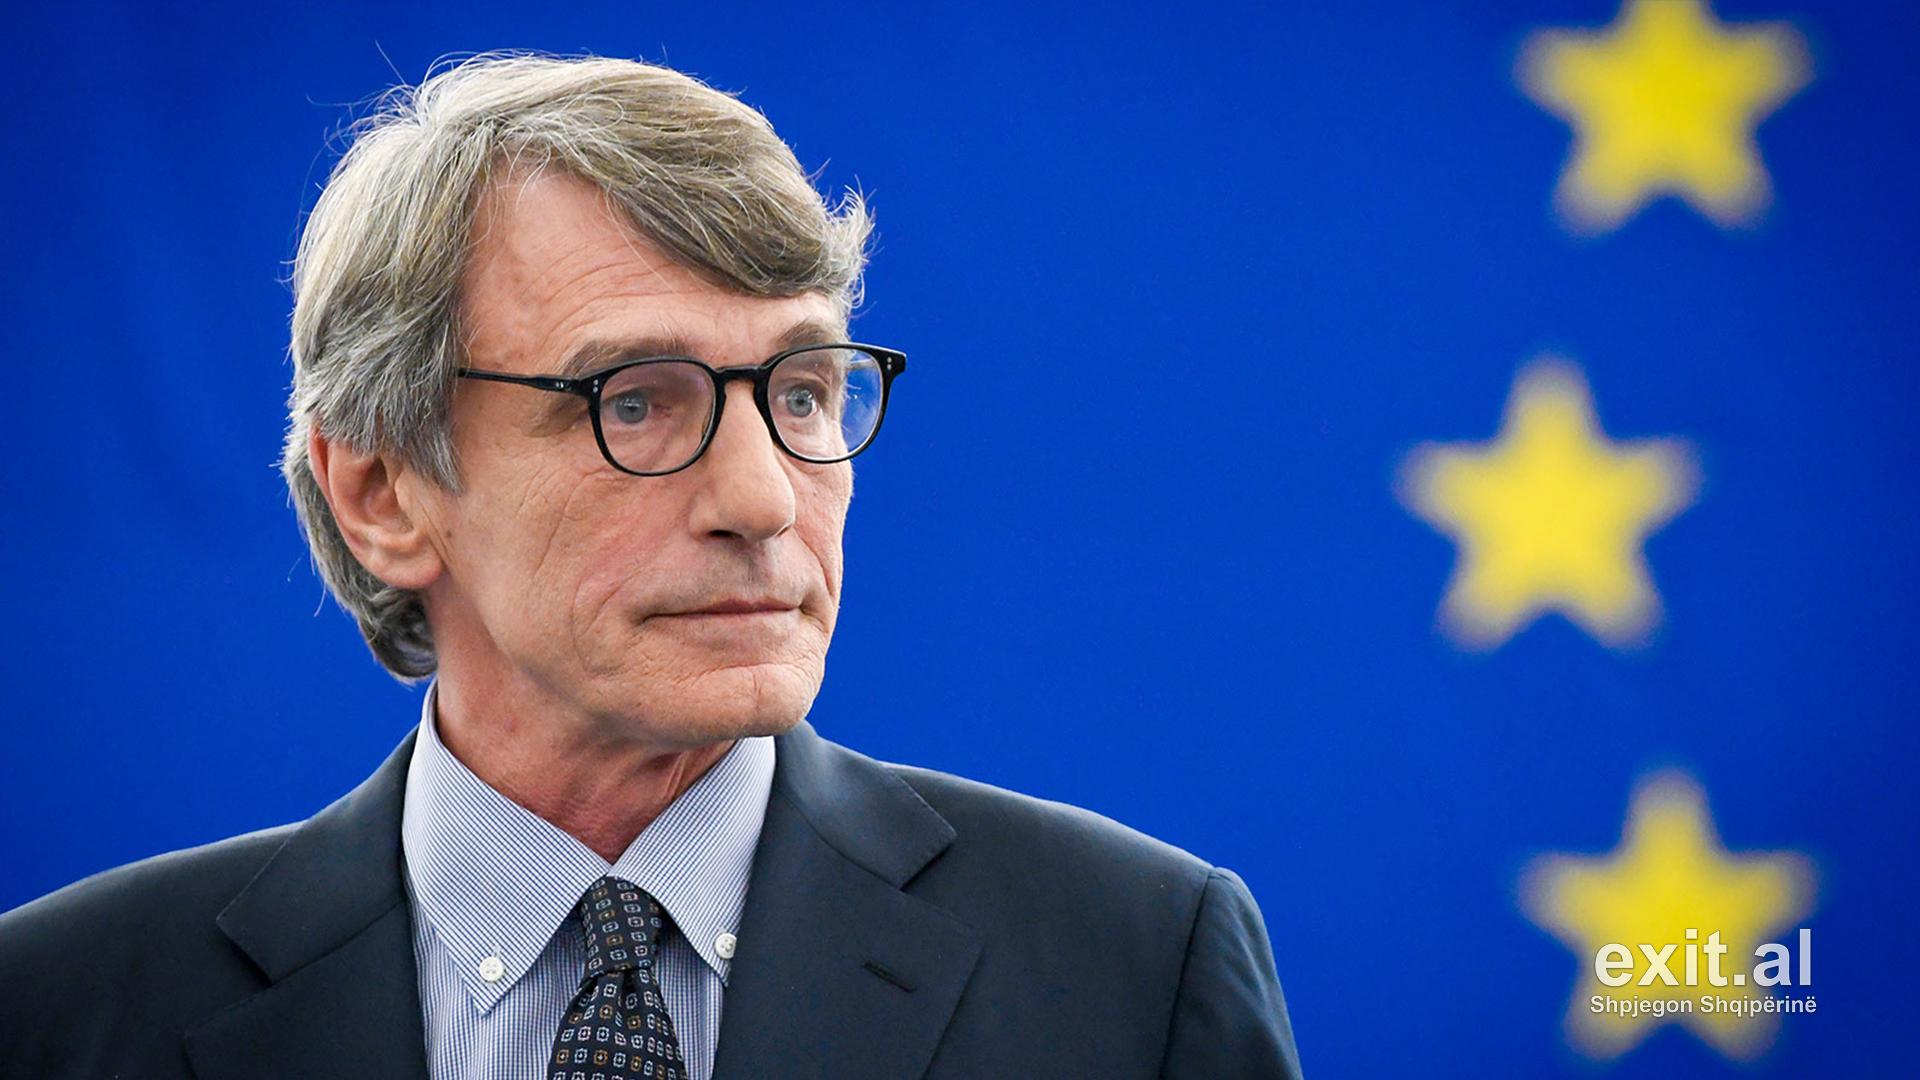 Presidenti i PE, David Sassoli viziton Shqipërinë më 2-3 dhjetor